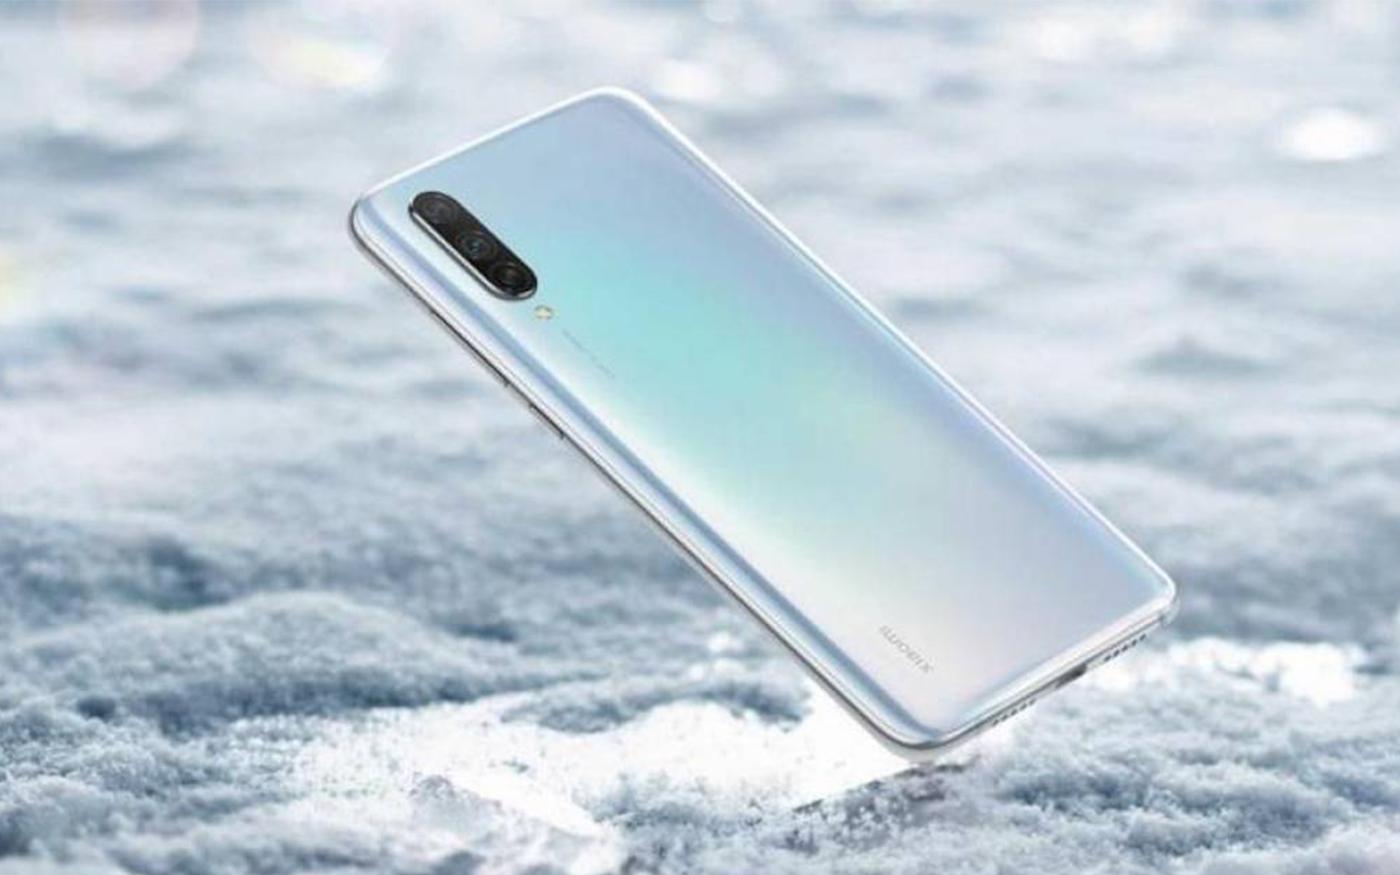 Xiaomi Mi CC9 Pro chega em 5 de novembro com câmera de 108MP e zoom óptico de 5x